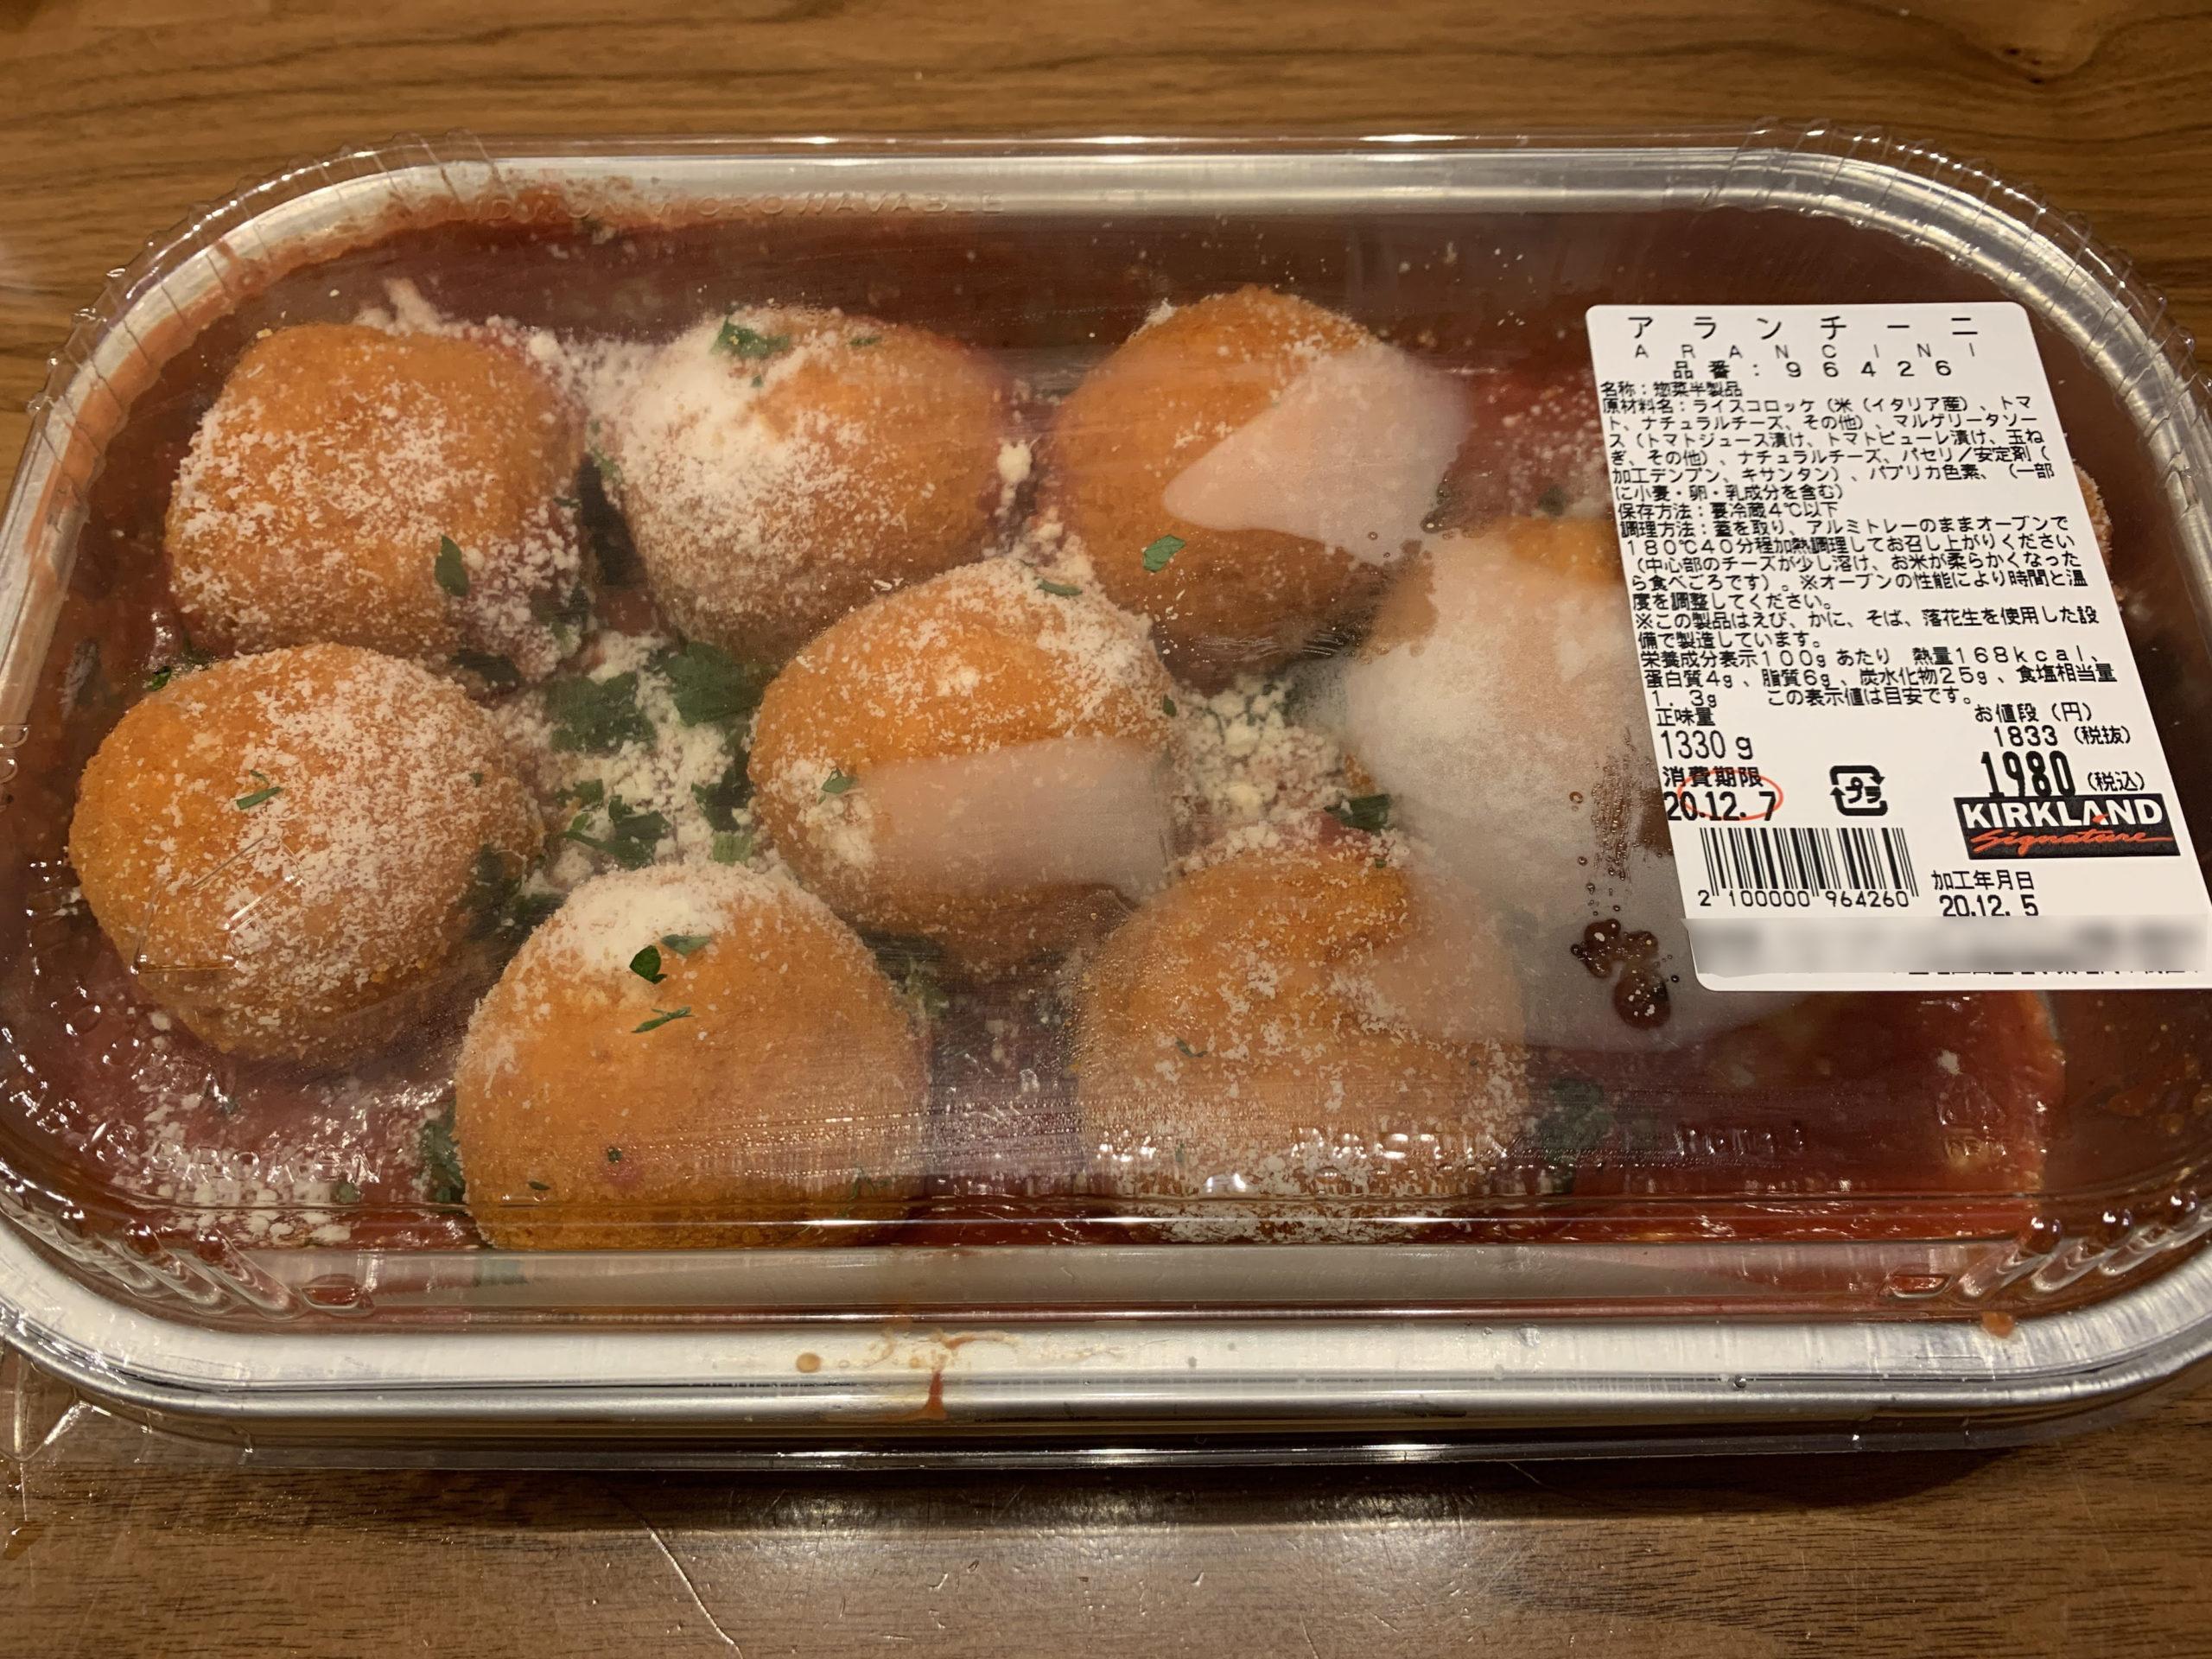 コストコのアランチーニの食べ方や値段はいくら?美味しかったのか実食レビュー